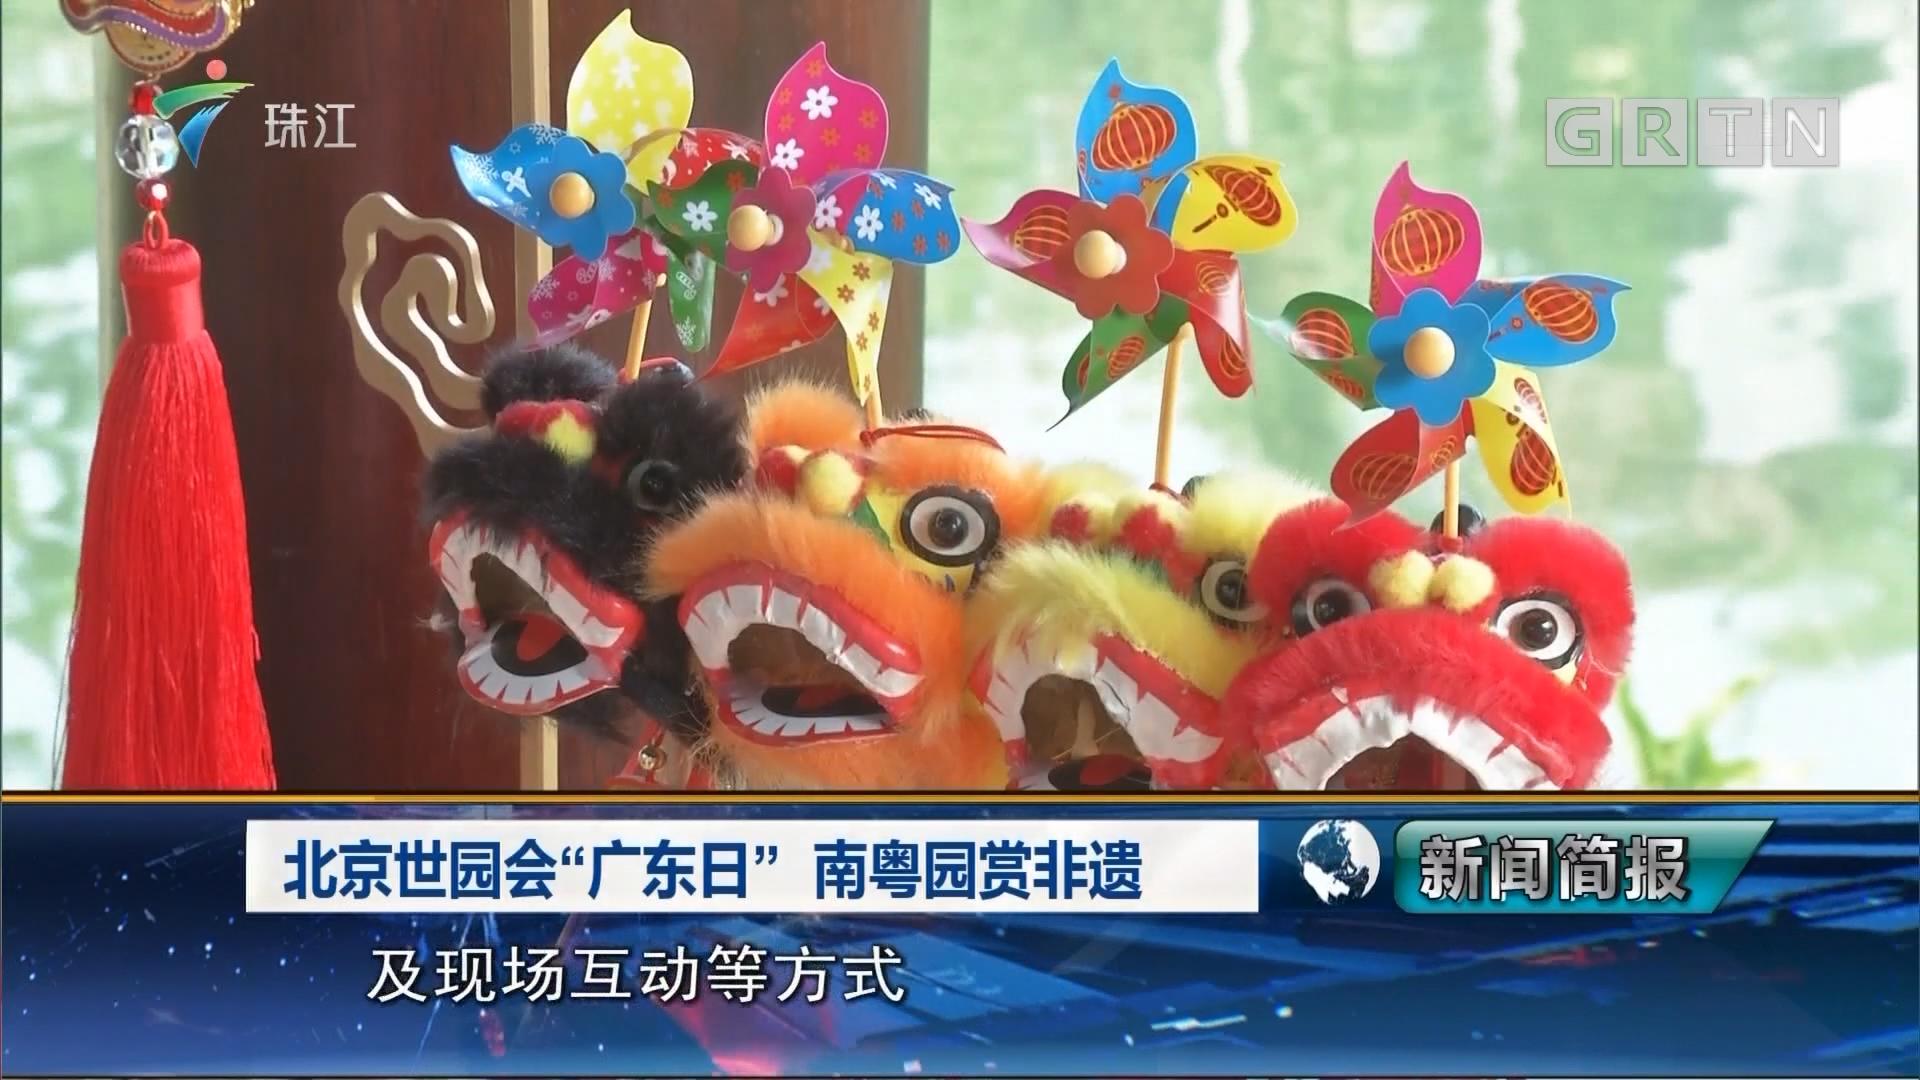 """北京世园会""""广东日"""" 南粤园赏非遗"""